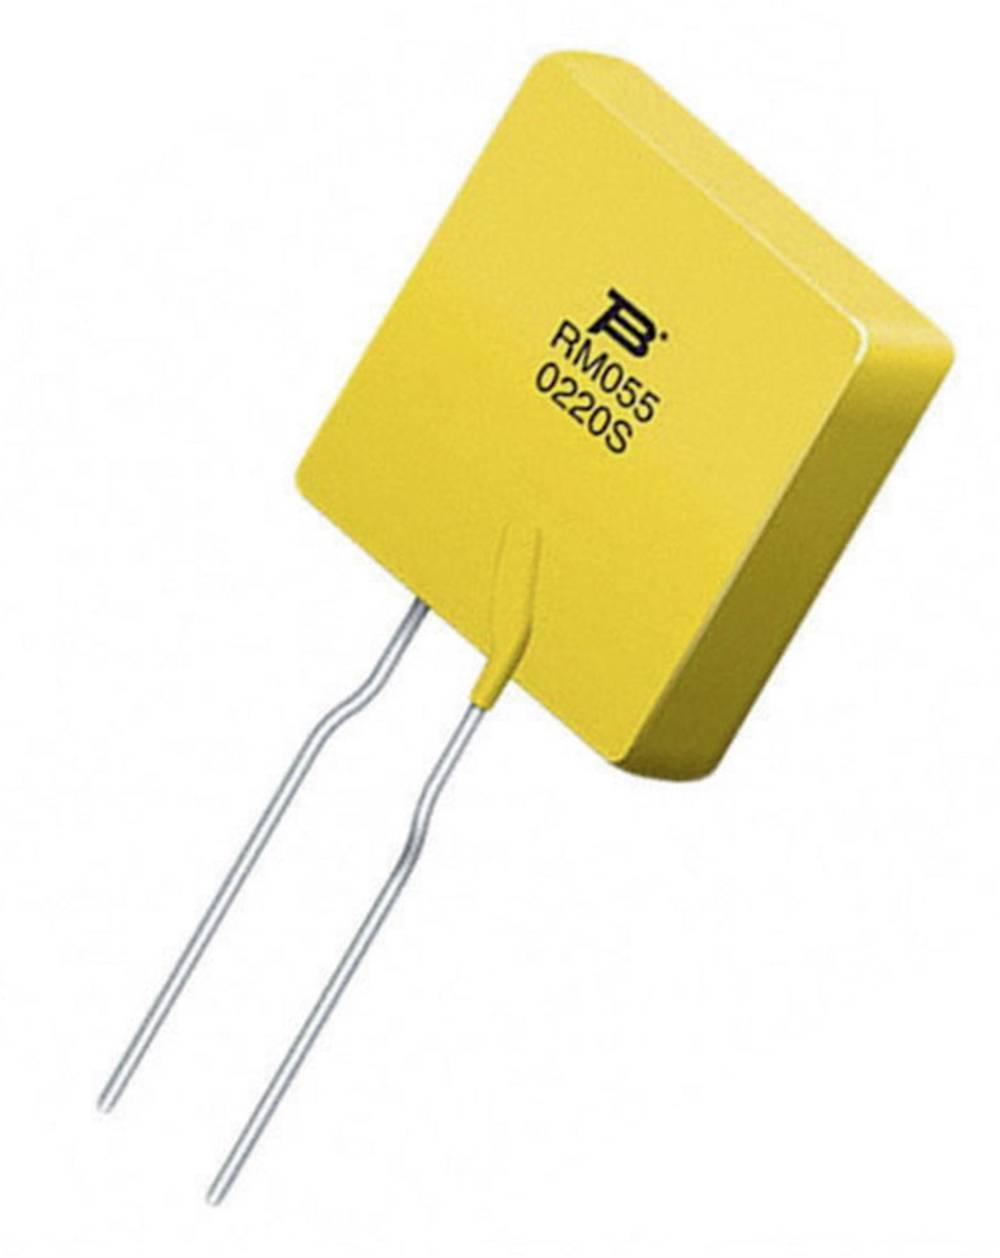 PTC-varovalka I(H) 0.55 A 240 V (D x Š x V) 30 x 14 x 4.1 mm Bourns MF-RM055/240-2 1 kos